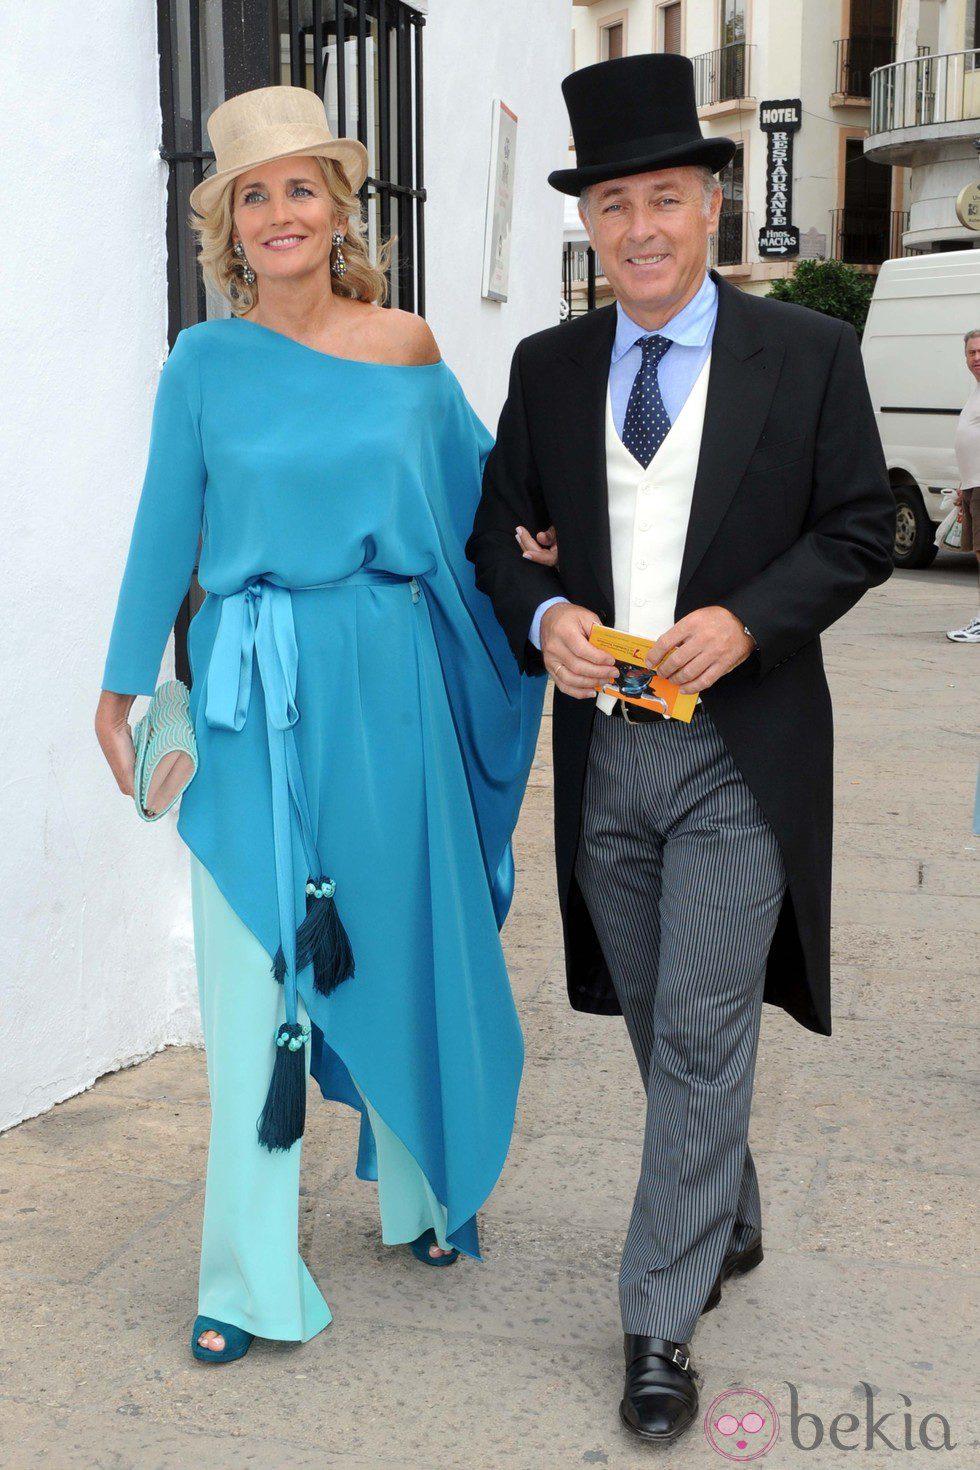 José Manuel Soto en la boda de Fran Rivera y Lourdes Montes en Ronda